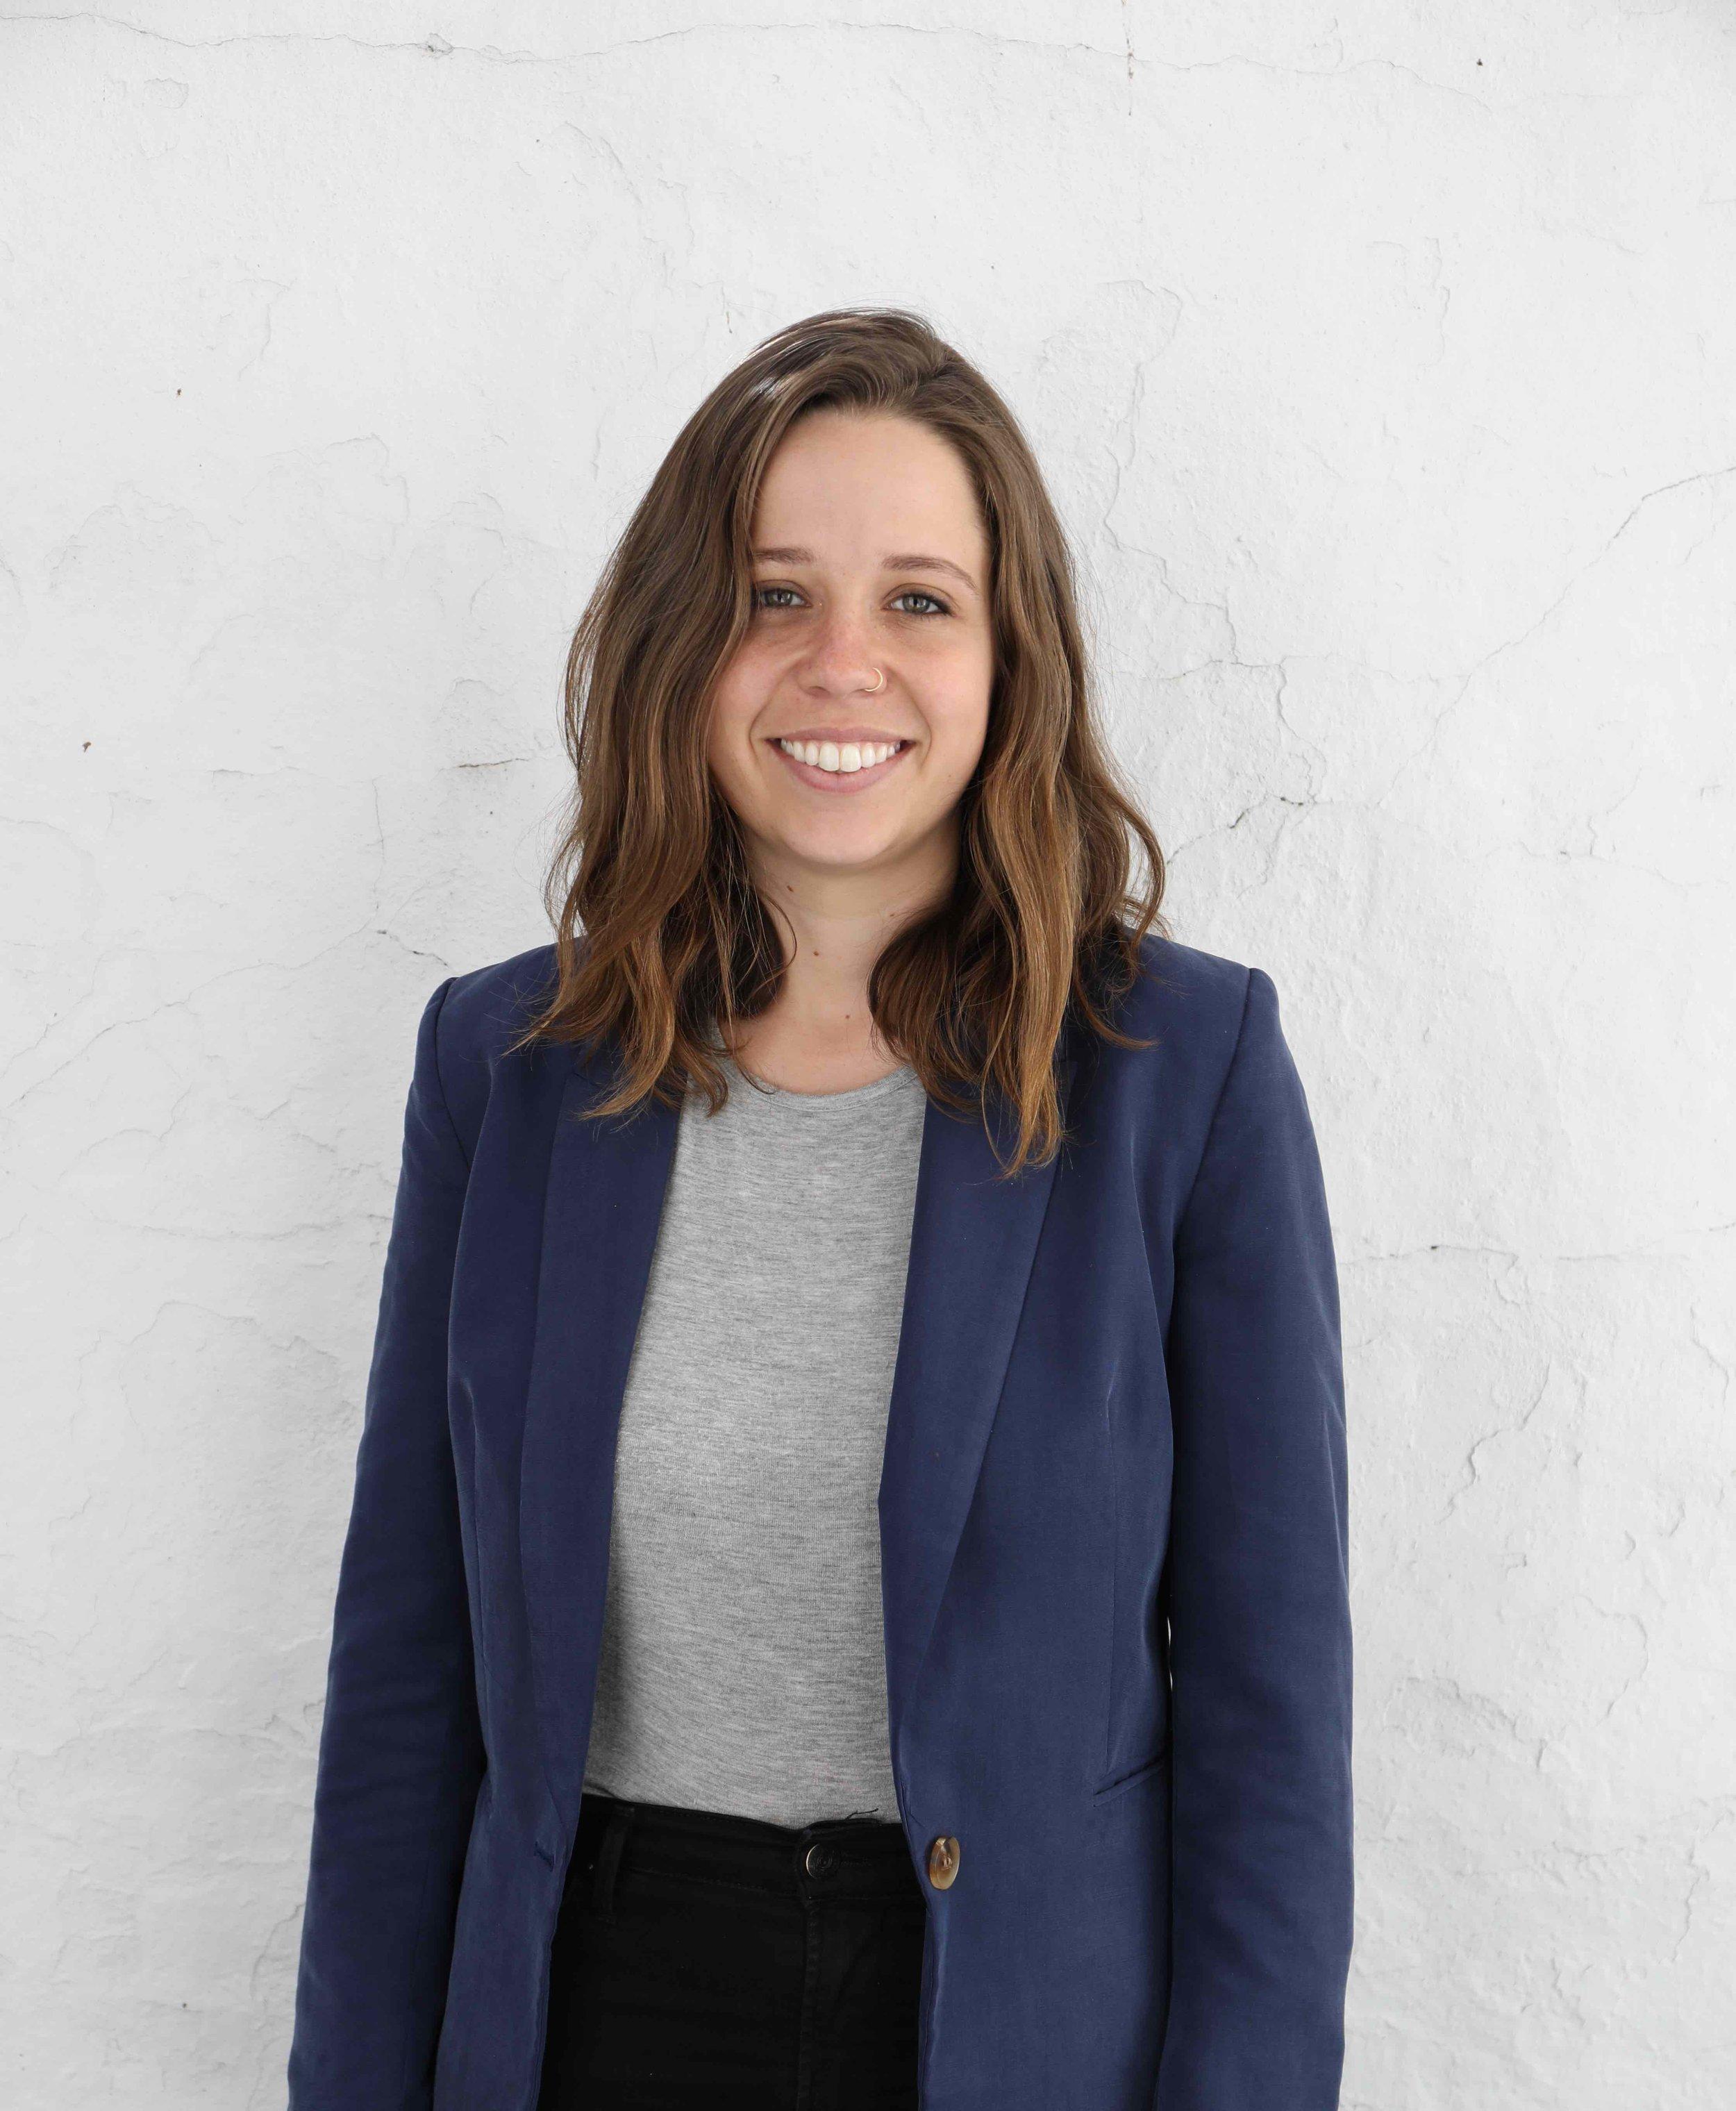 Rachel Kessler -